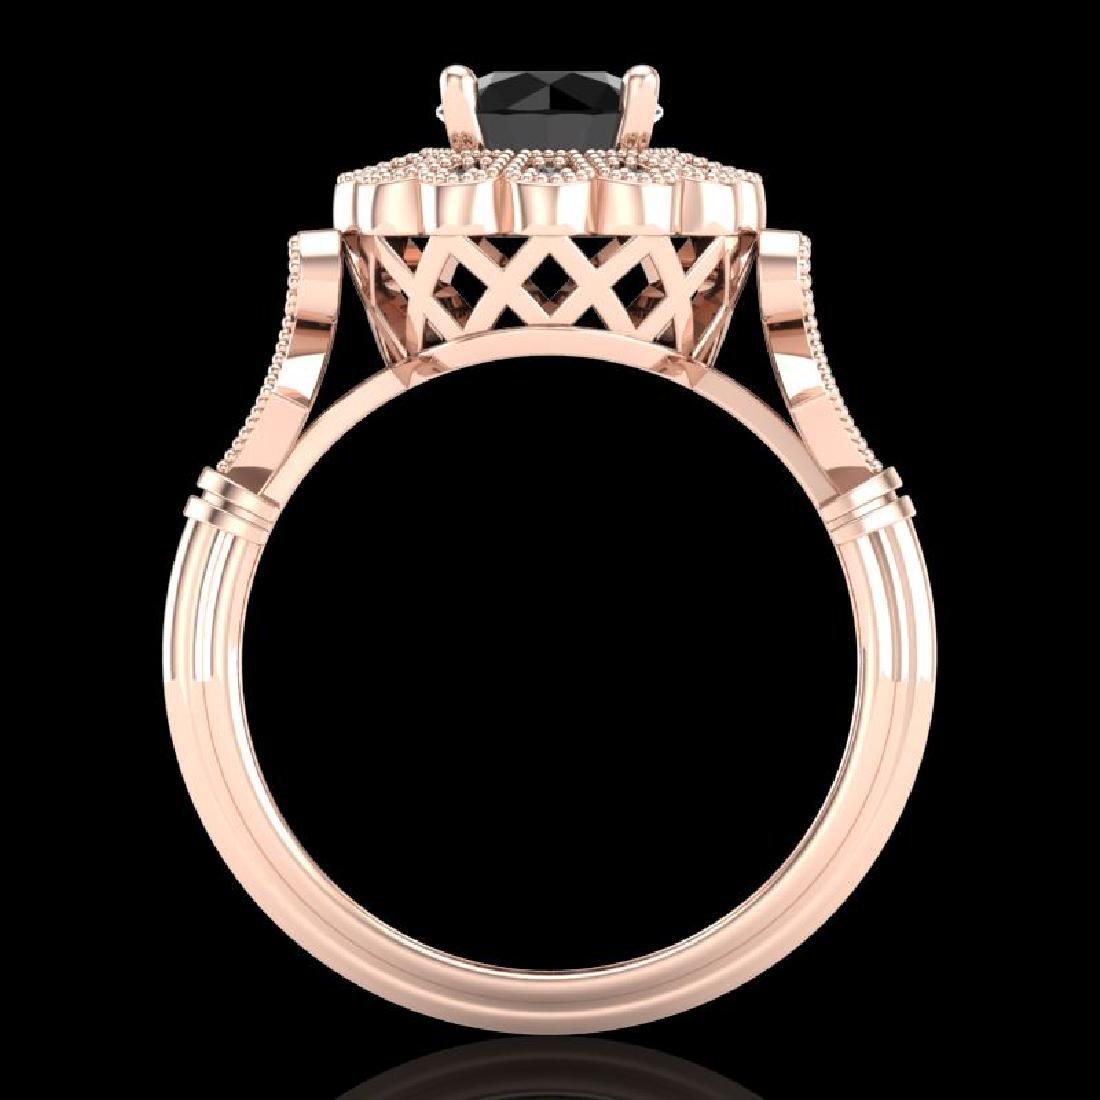 1.2 CTW Fancy Black Diamond Solitaire Engagement Art - 3